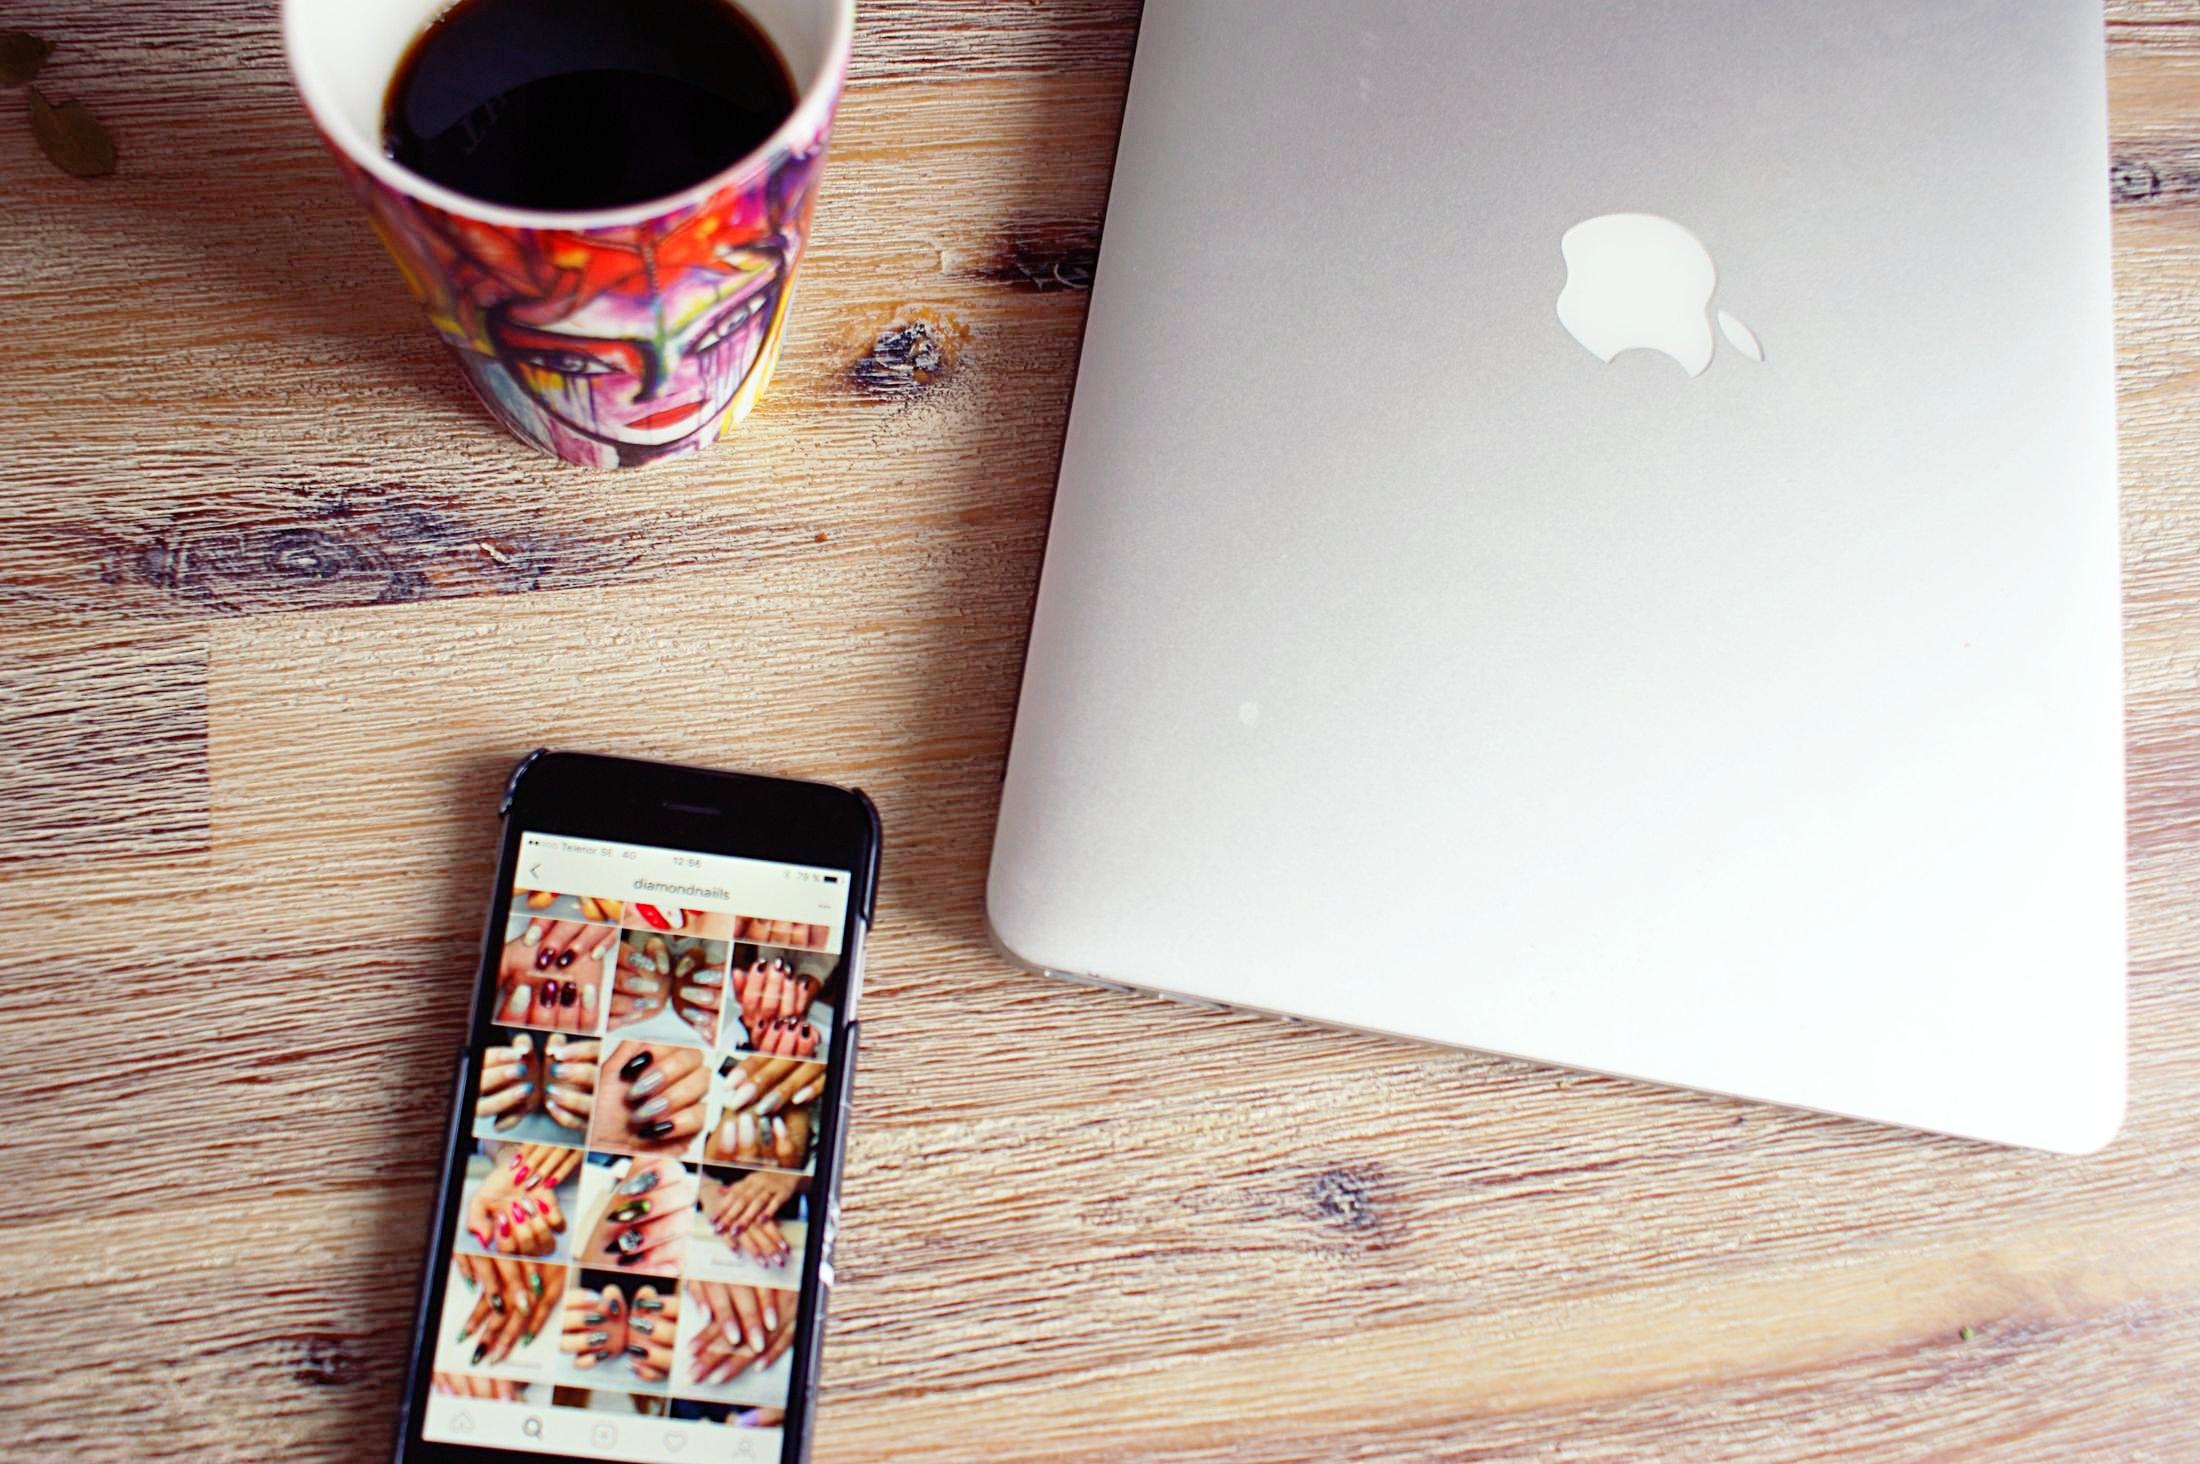 Sociala medier - ett jobb eller underhållning?